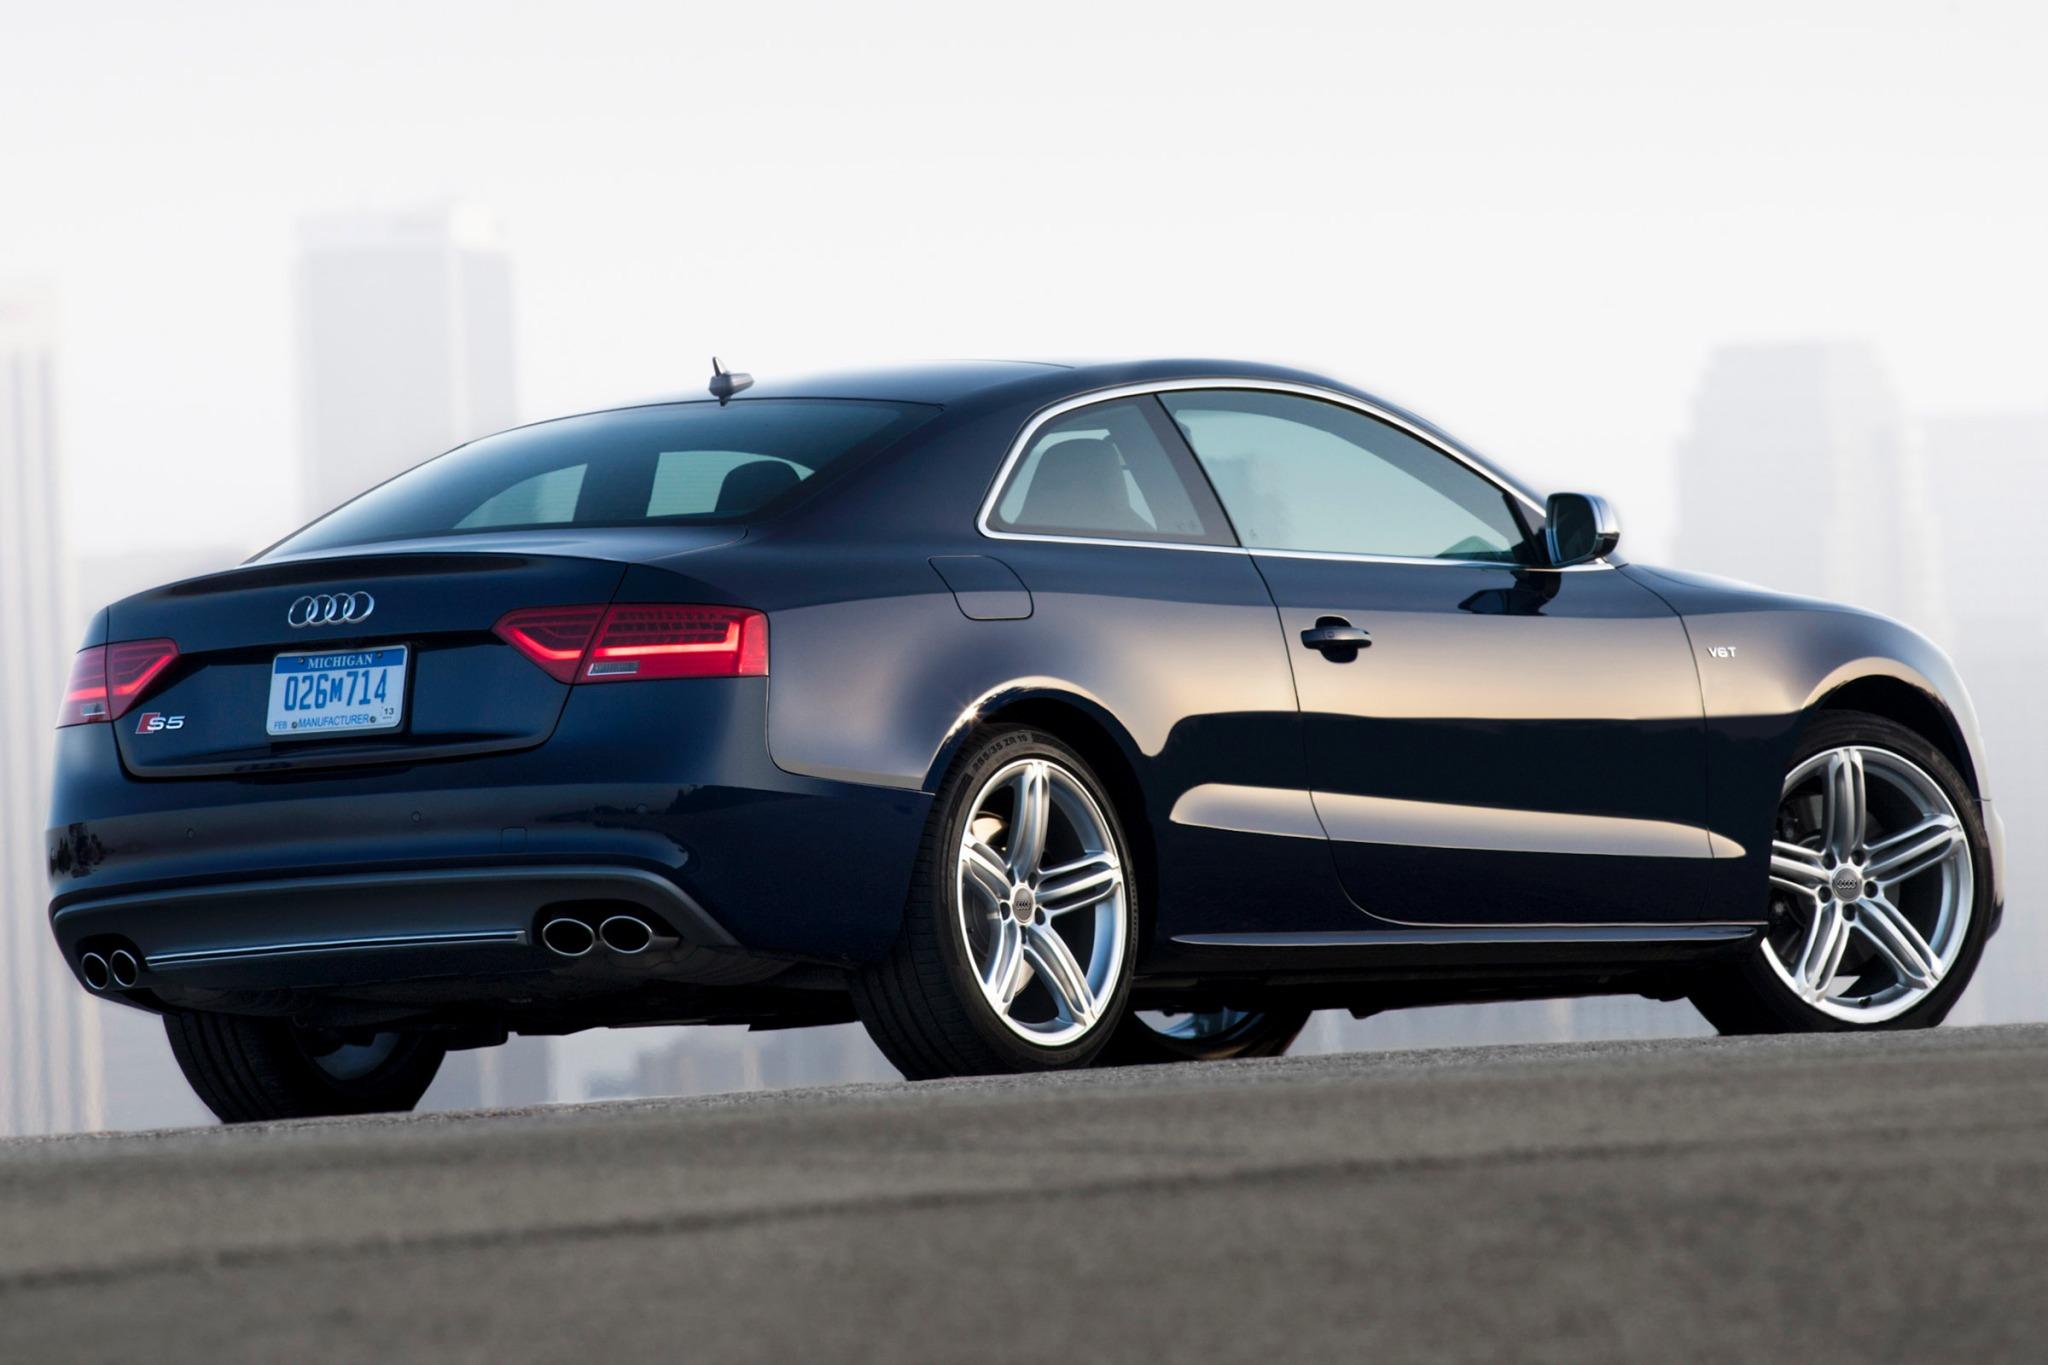 2015 Audi S5 VIN Check, Specs & Recalls - AutoDetective